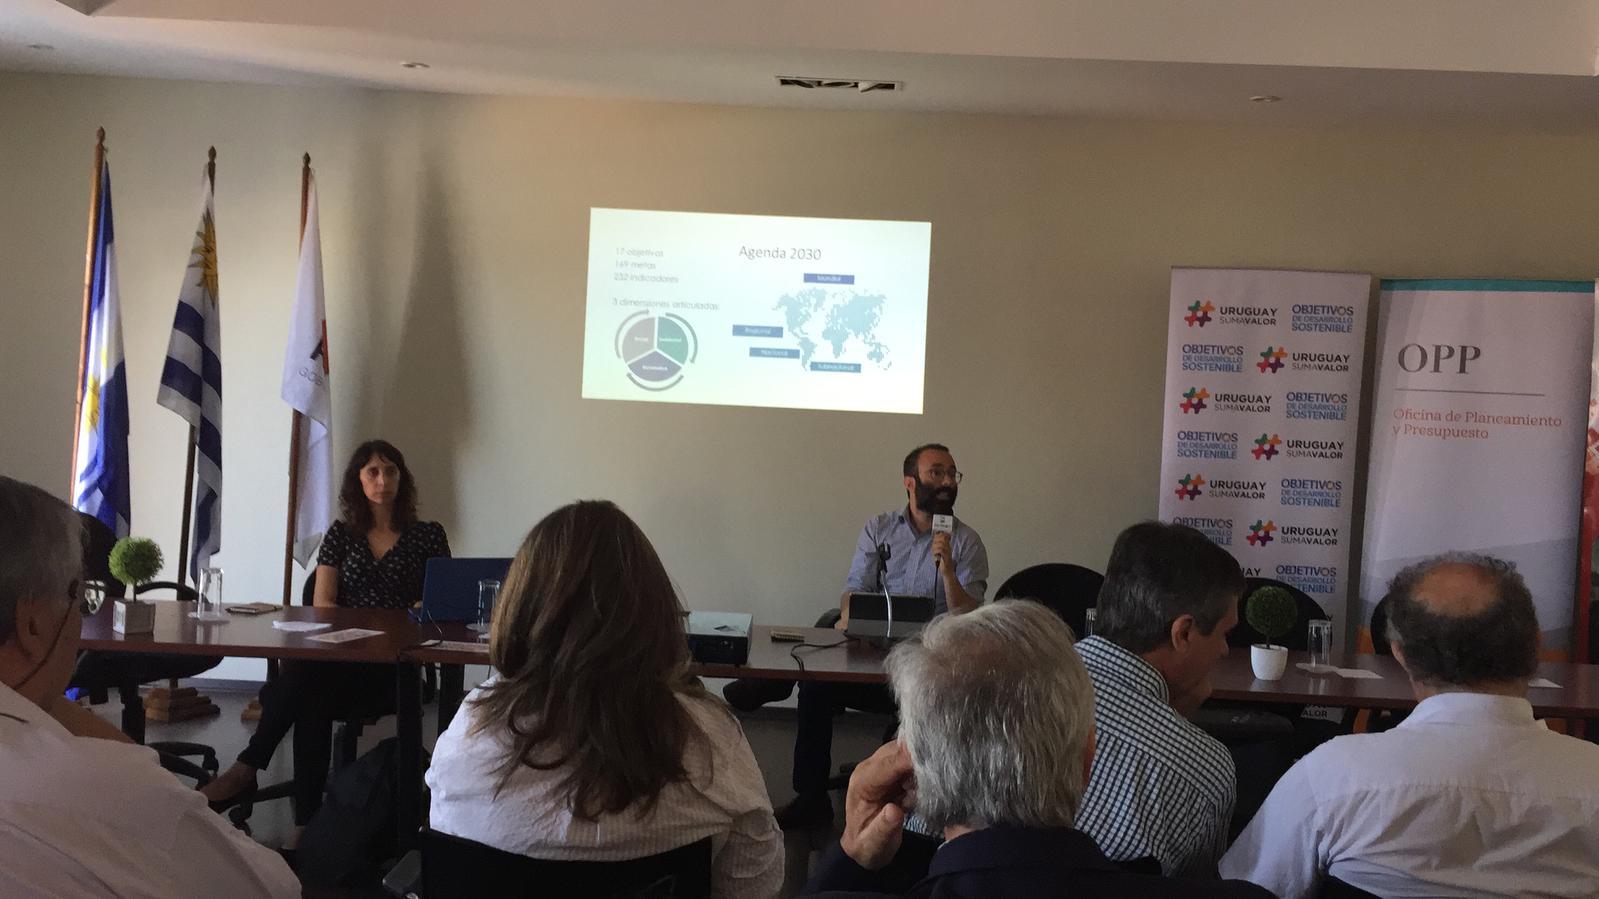 Germán Bidegain / Anahí Alarcón